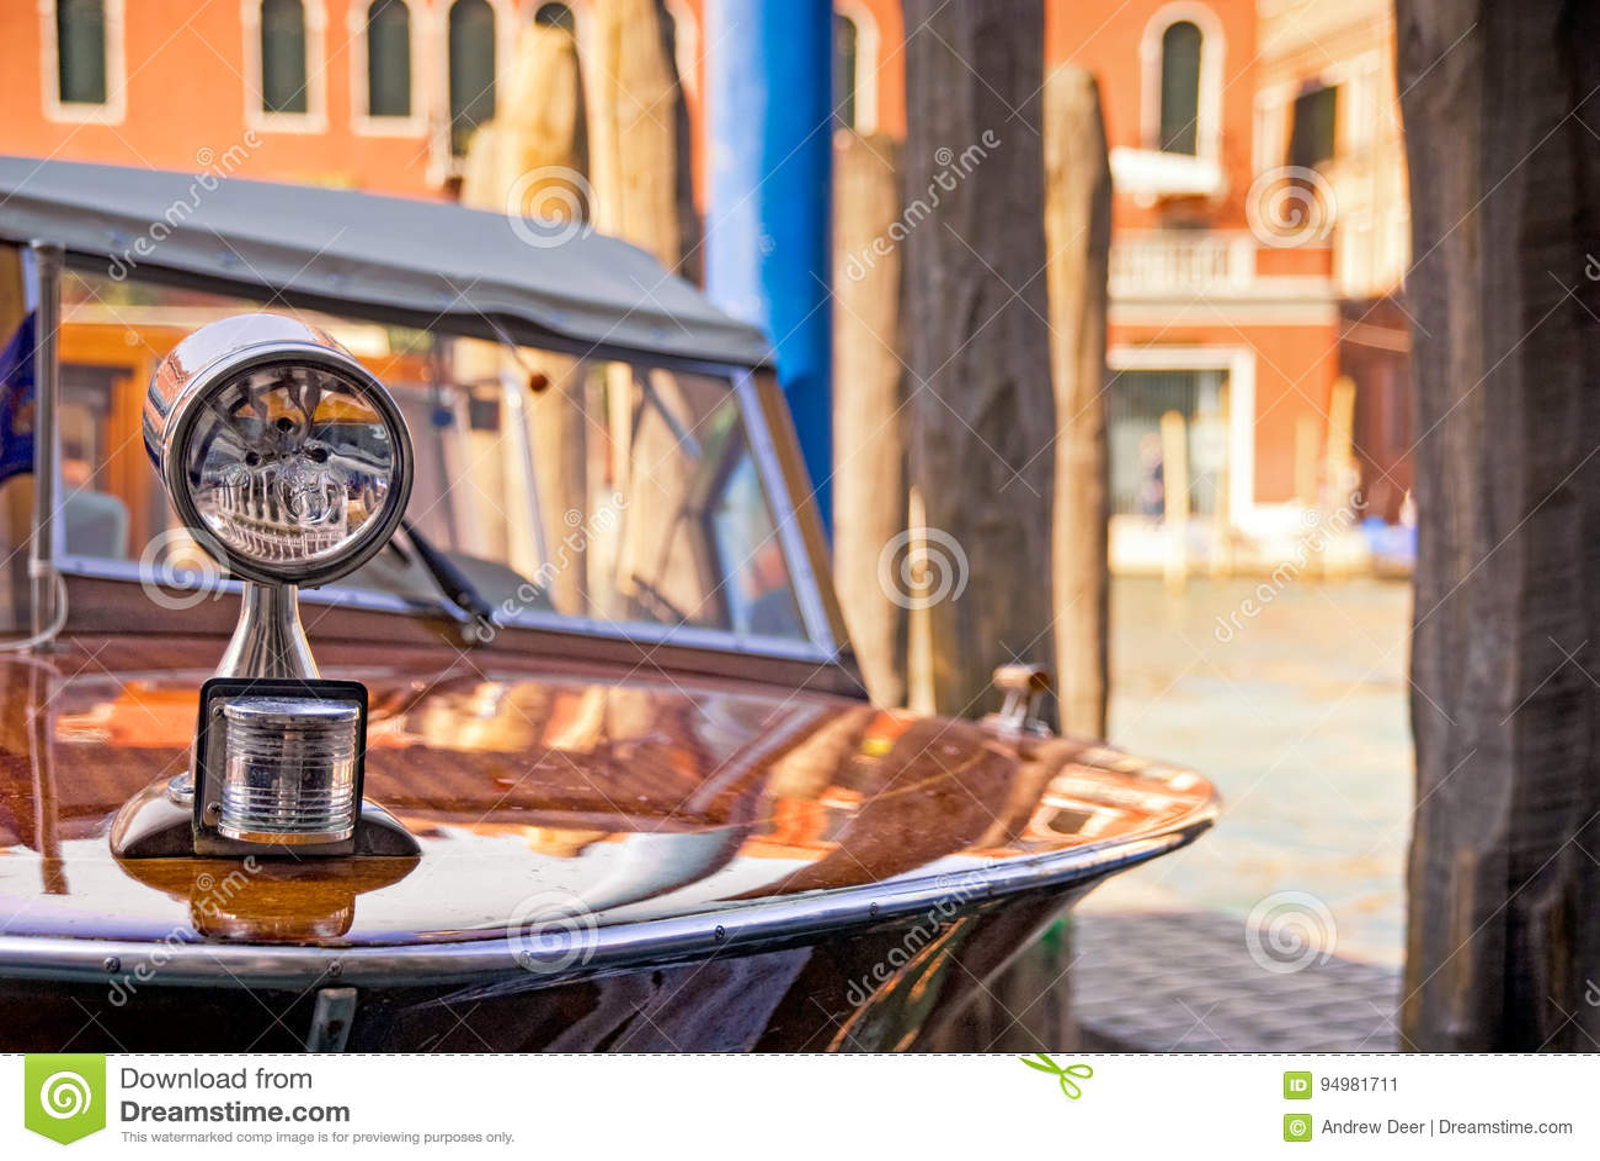 葡萄酒木20世纪60年代快艇在大运河,威尼斯,意大利